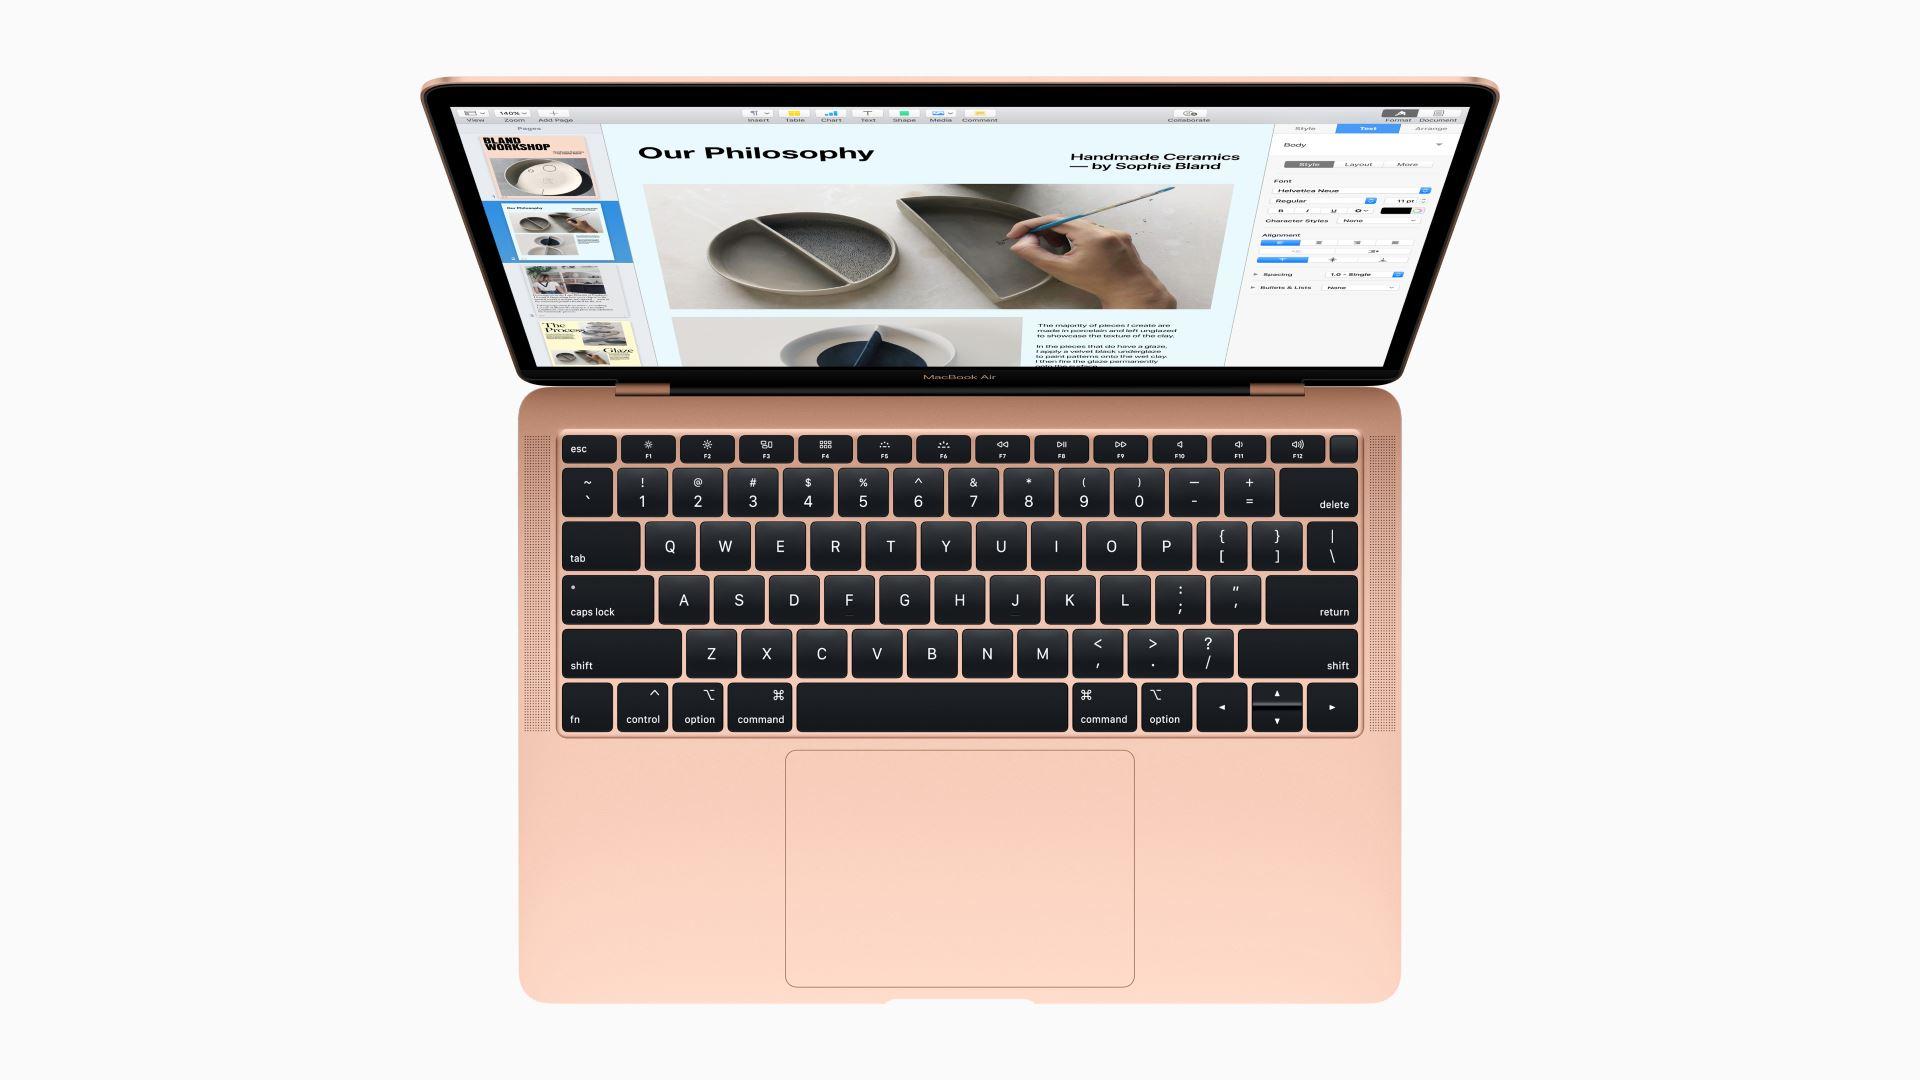 На иллюстрации изображён ноутбук MacBook Air 2018 золотого цвета в раскрытом состоянии